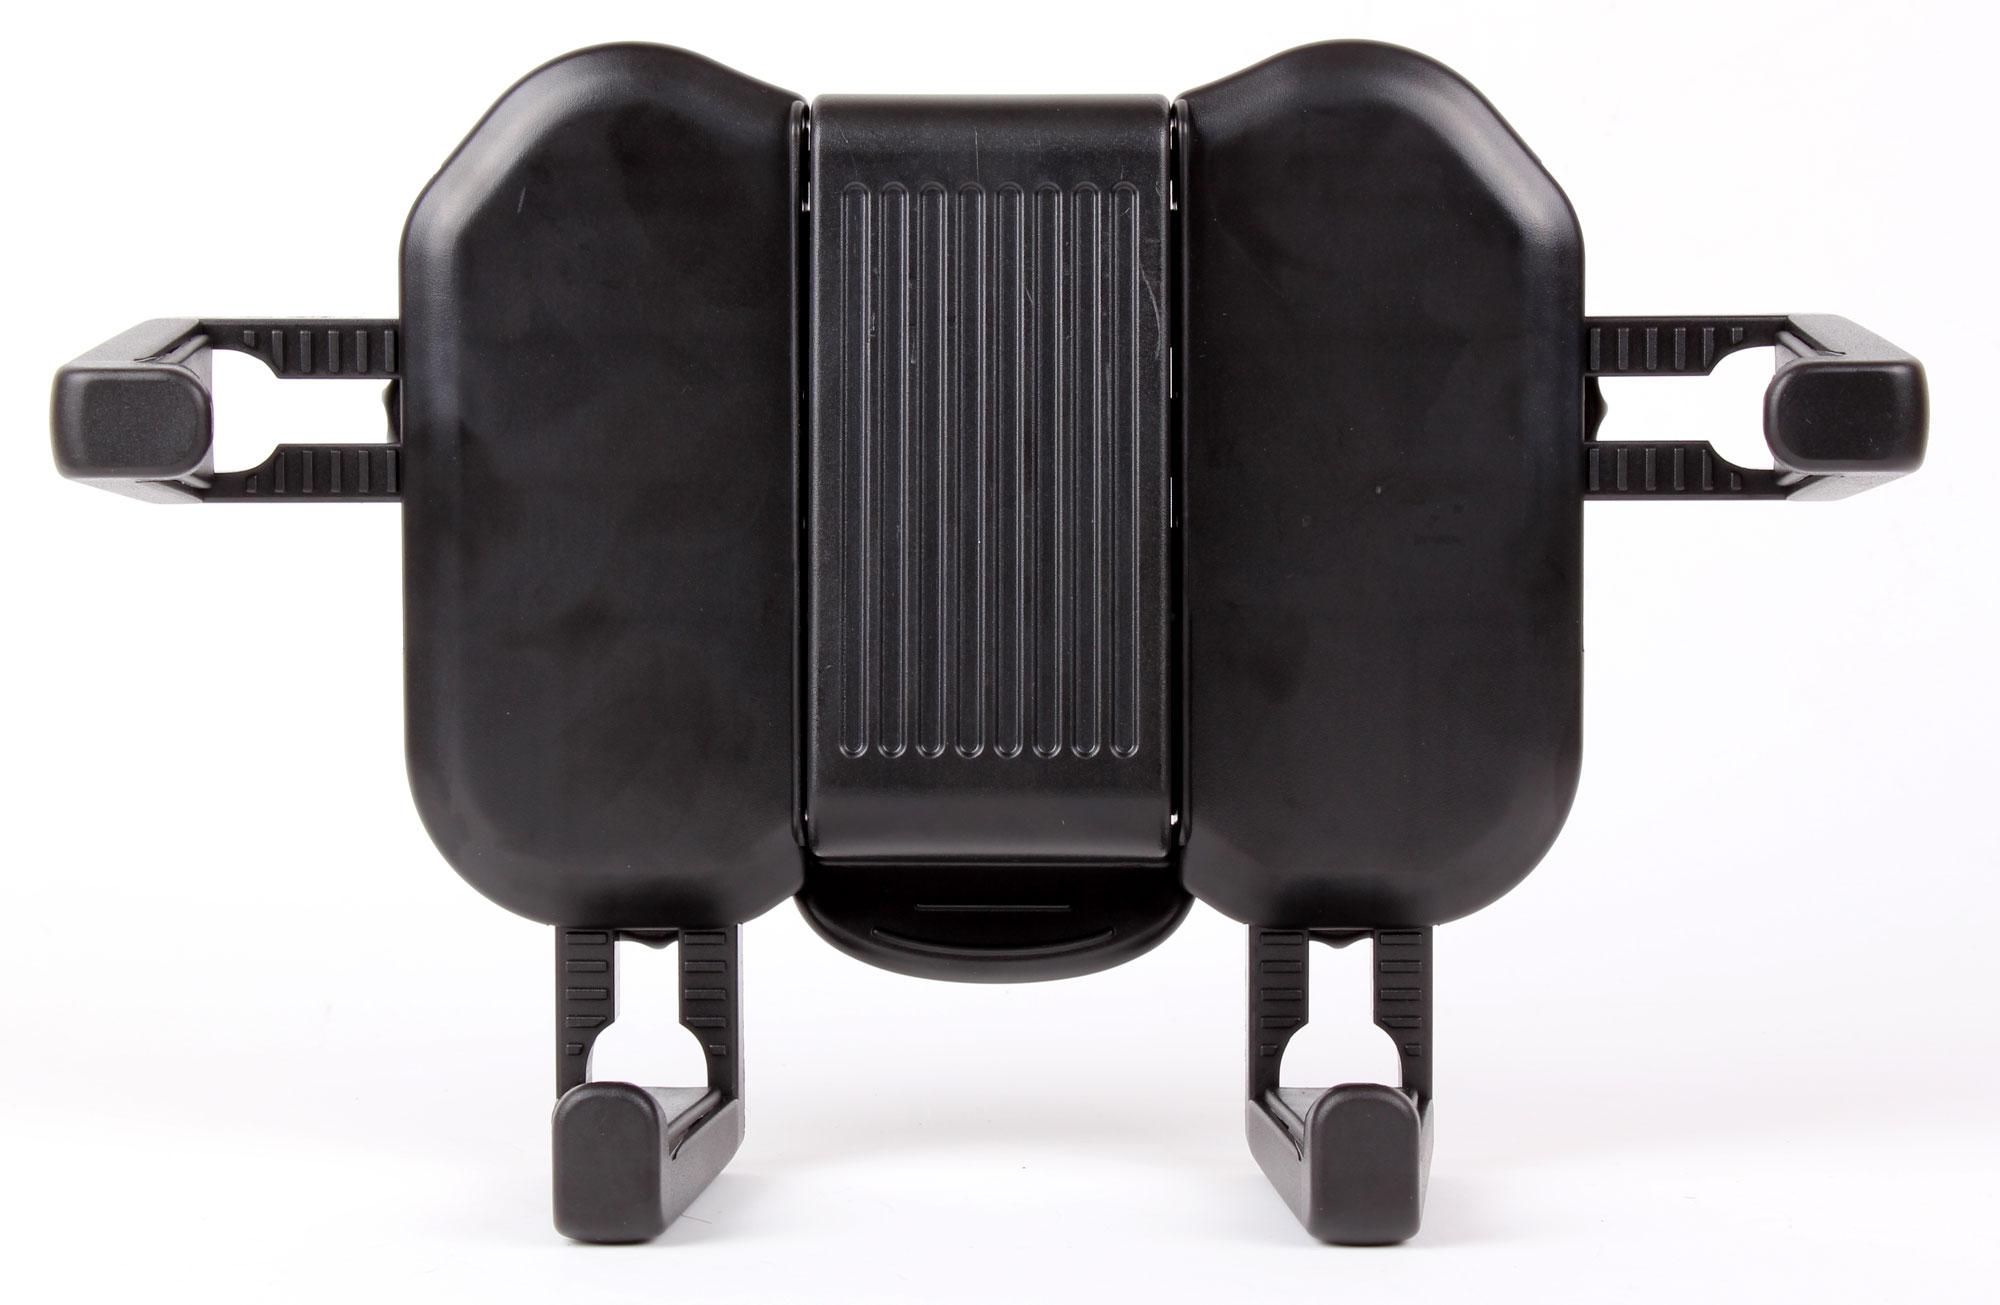 support appui t te voiture pour lecteur dvd philips pd7022 divx philips pet103 ebay. Black Bedroom Furniture Sets. Home Design Ideas